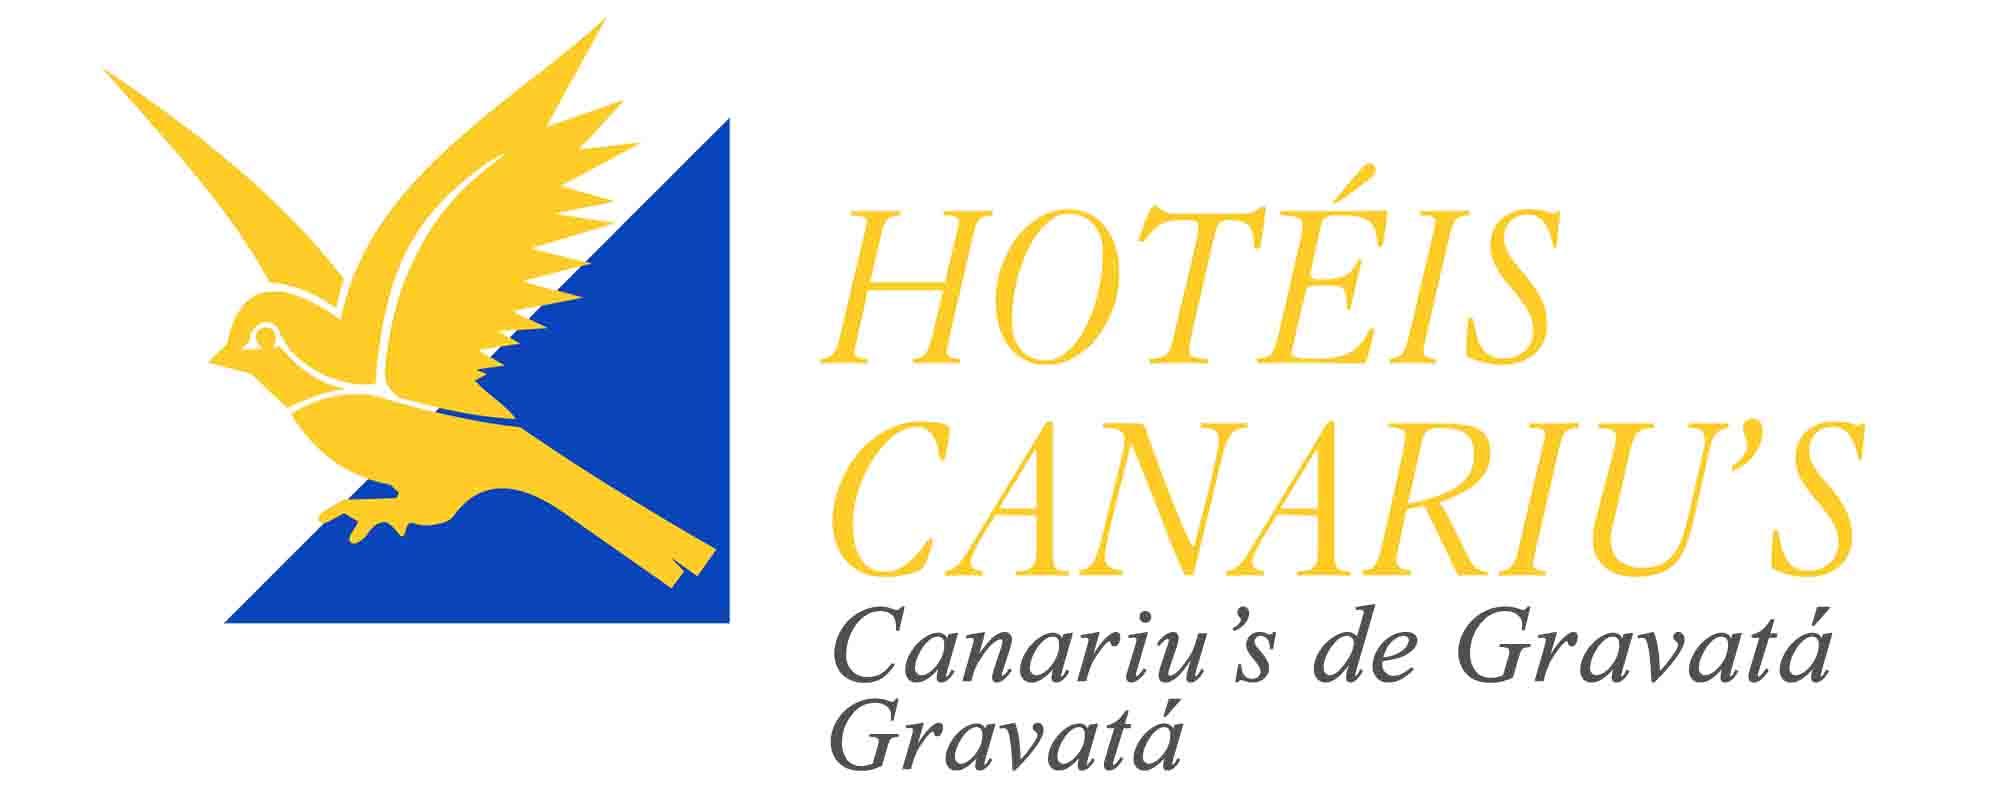 HOTEL CANARIU'S GRAVATÁ